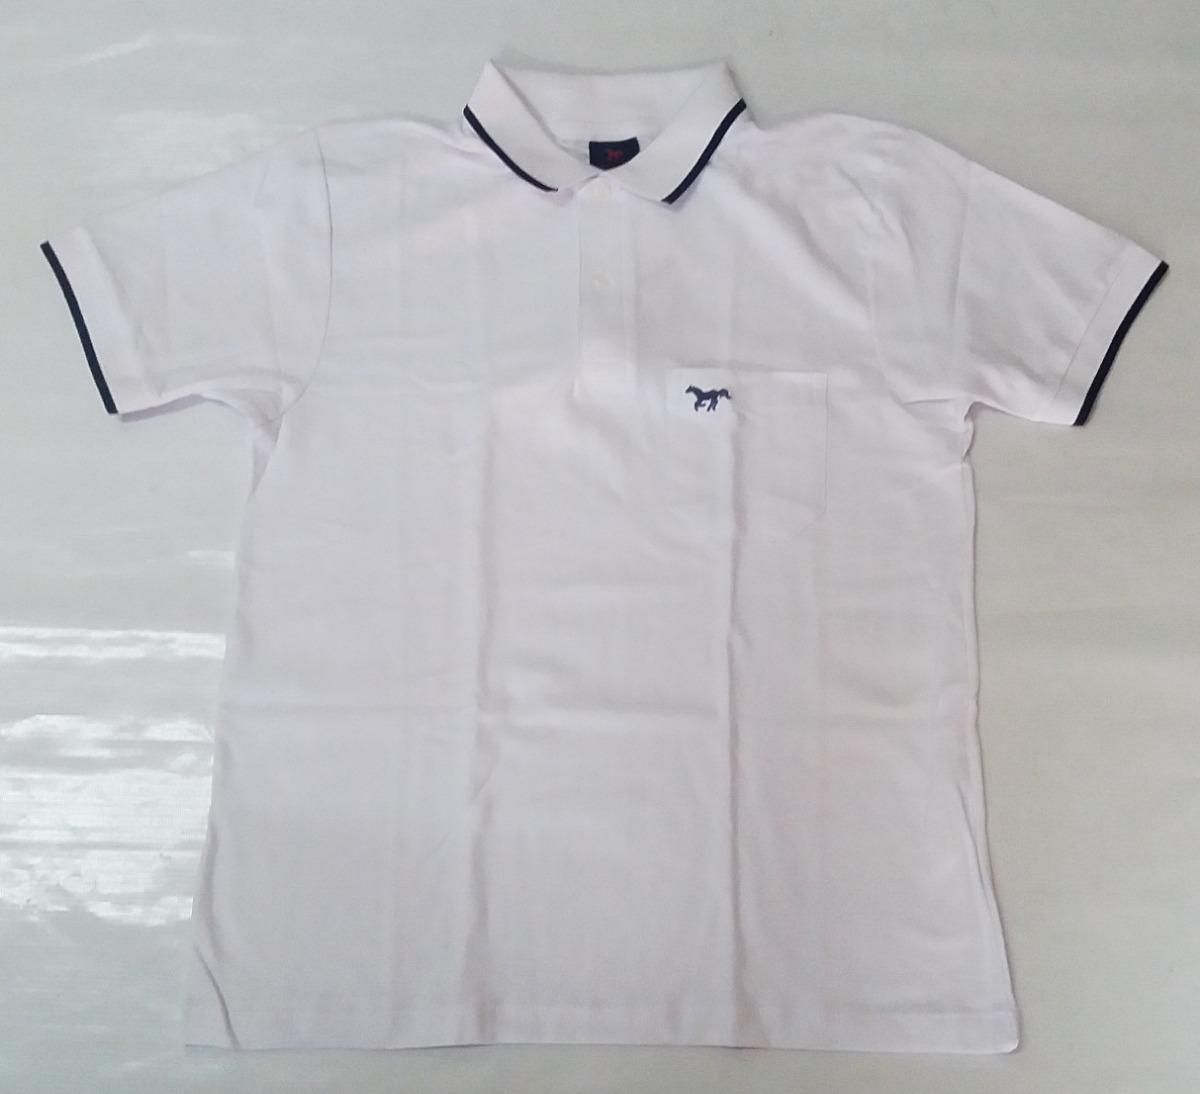 polo camisa masculina branca com azul marinho valmor algodão. Carregando  zoom. a94d46ad7eb76